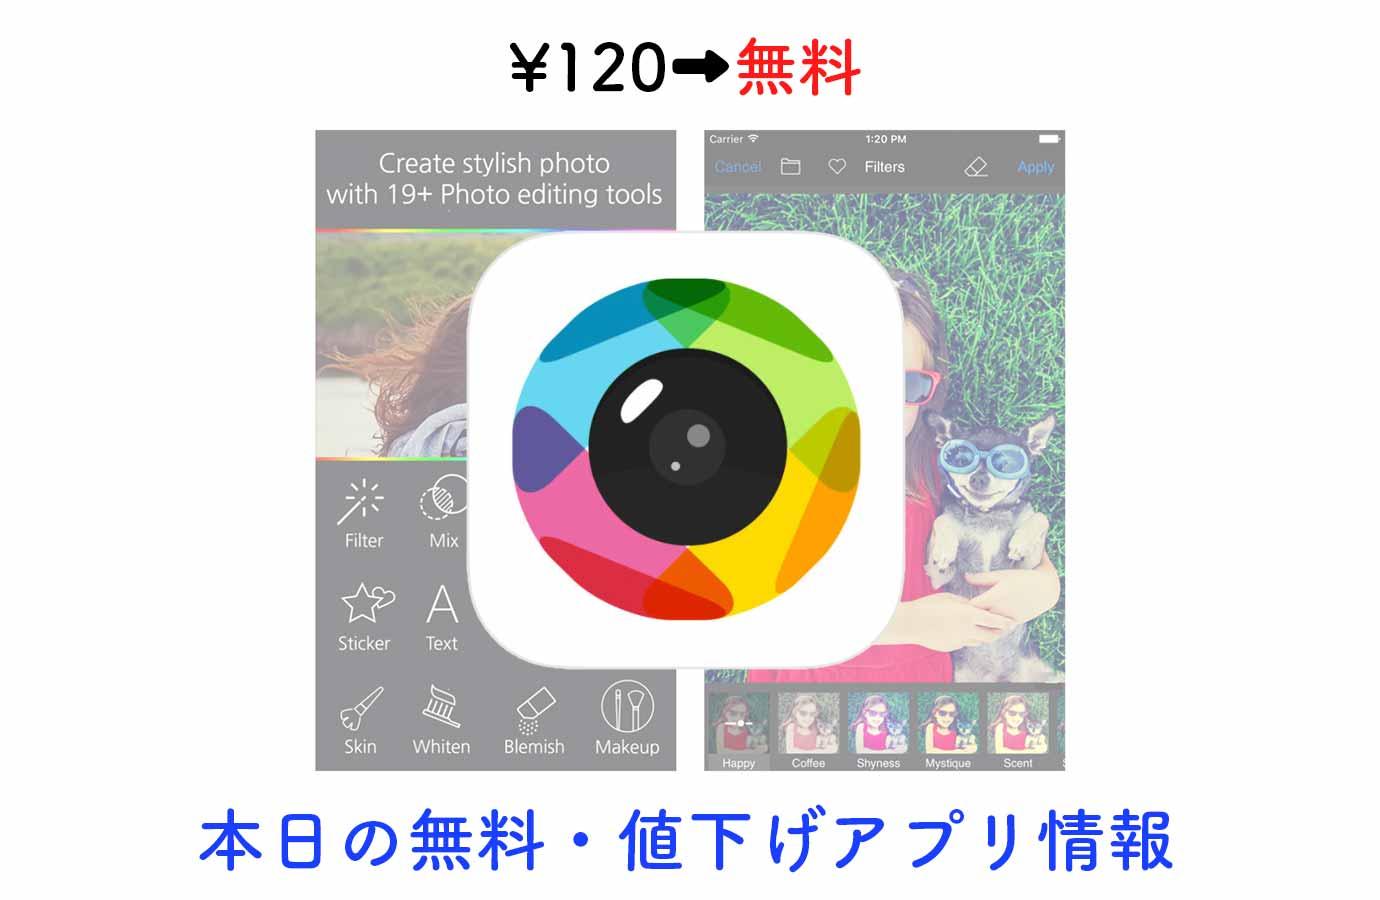 ¥360→無料、写真に埋め込まれたExif情報を確認・削除できる「Exif Viewer」など【8/16】本日の無料・値下げアプリ情報